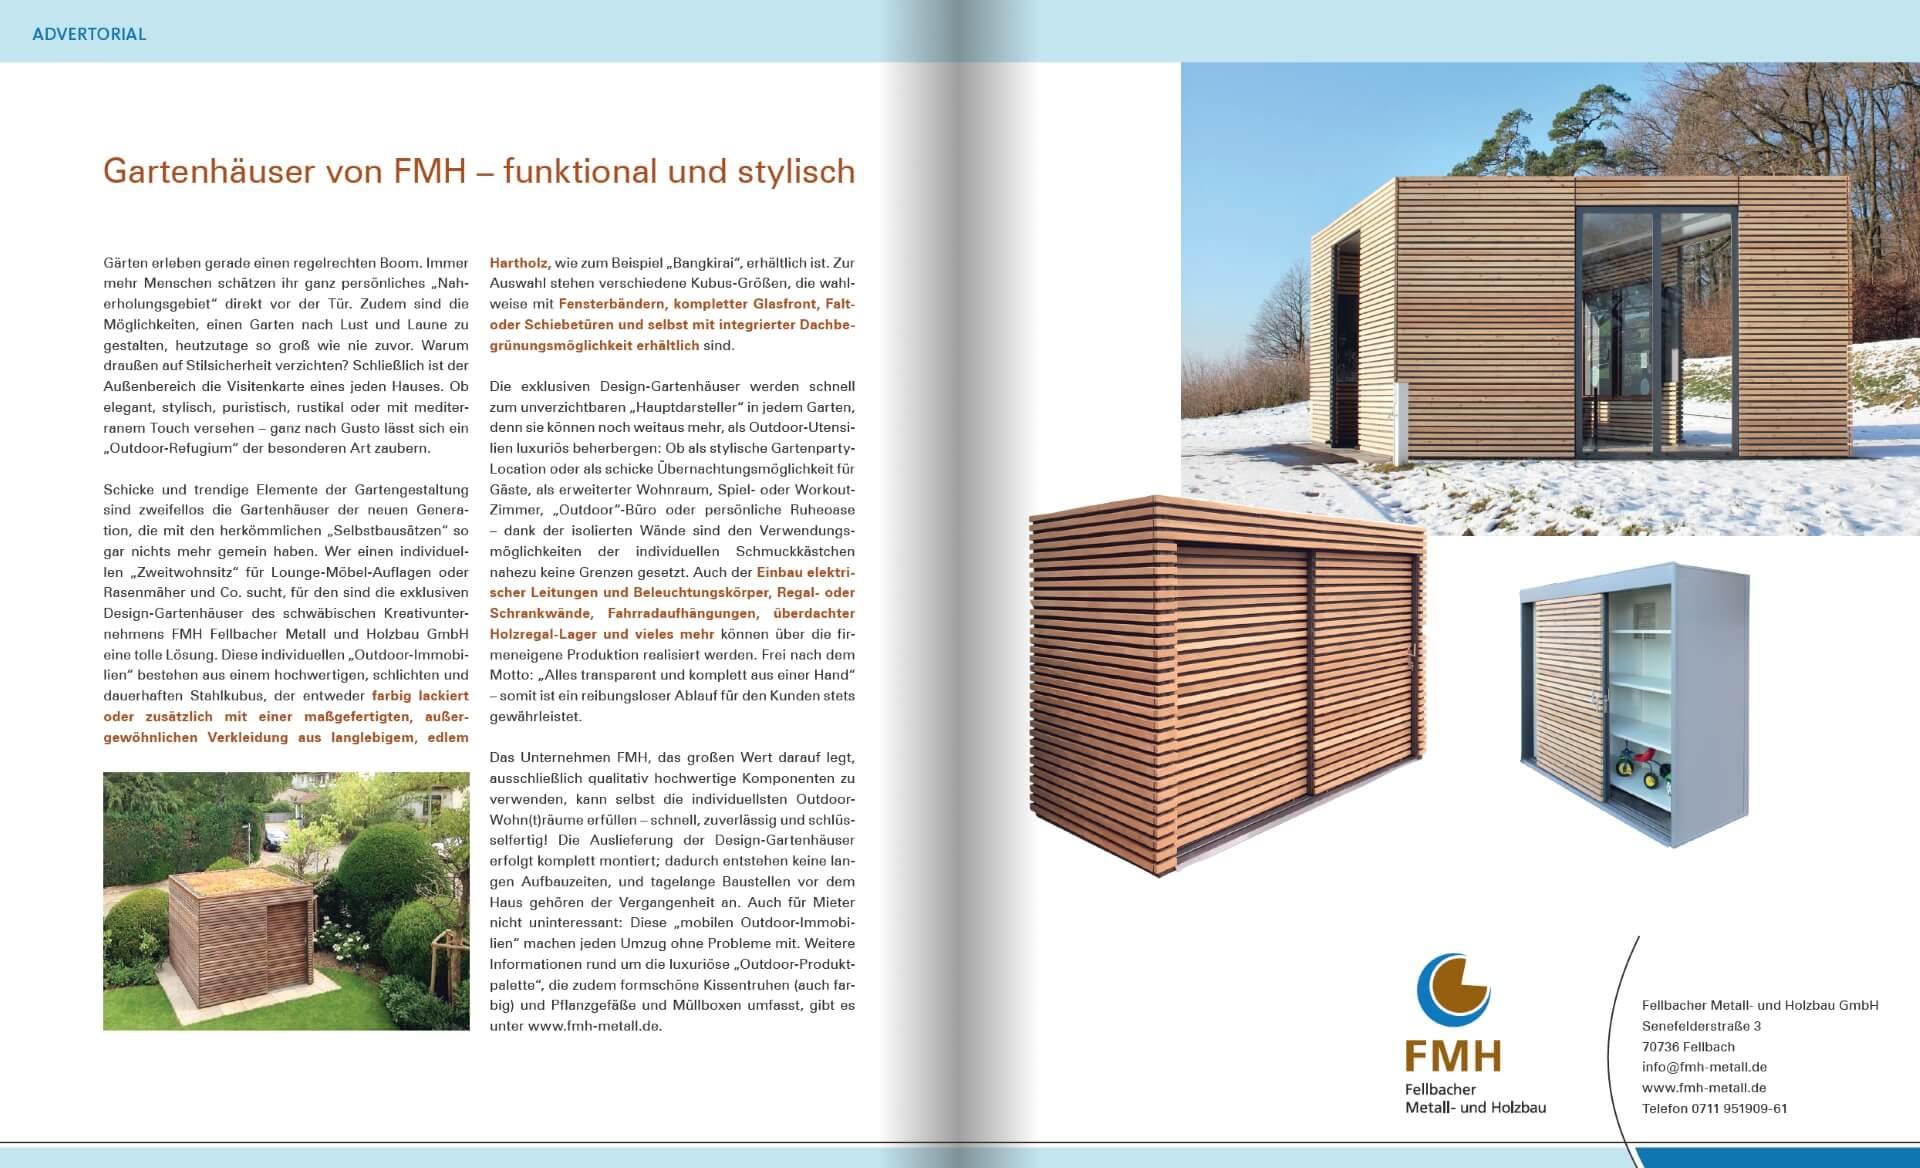 GARTENDESIGN INSPIRATION 2/2018: Gartenhäuser von FMH